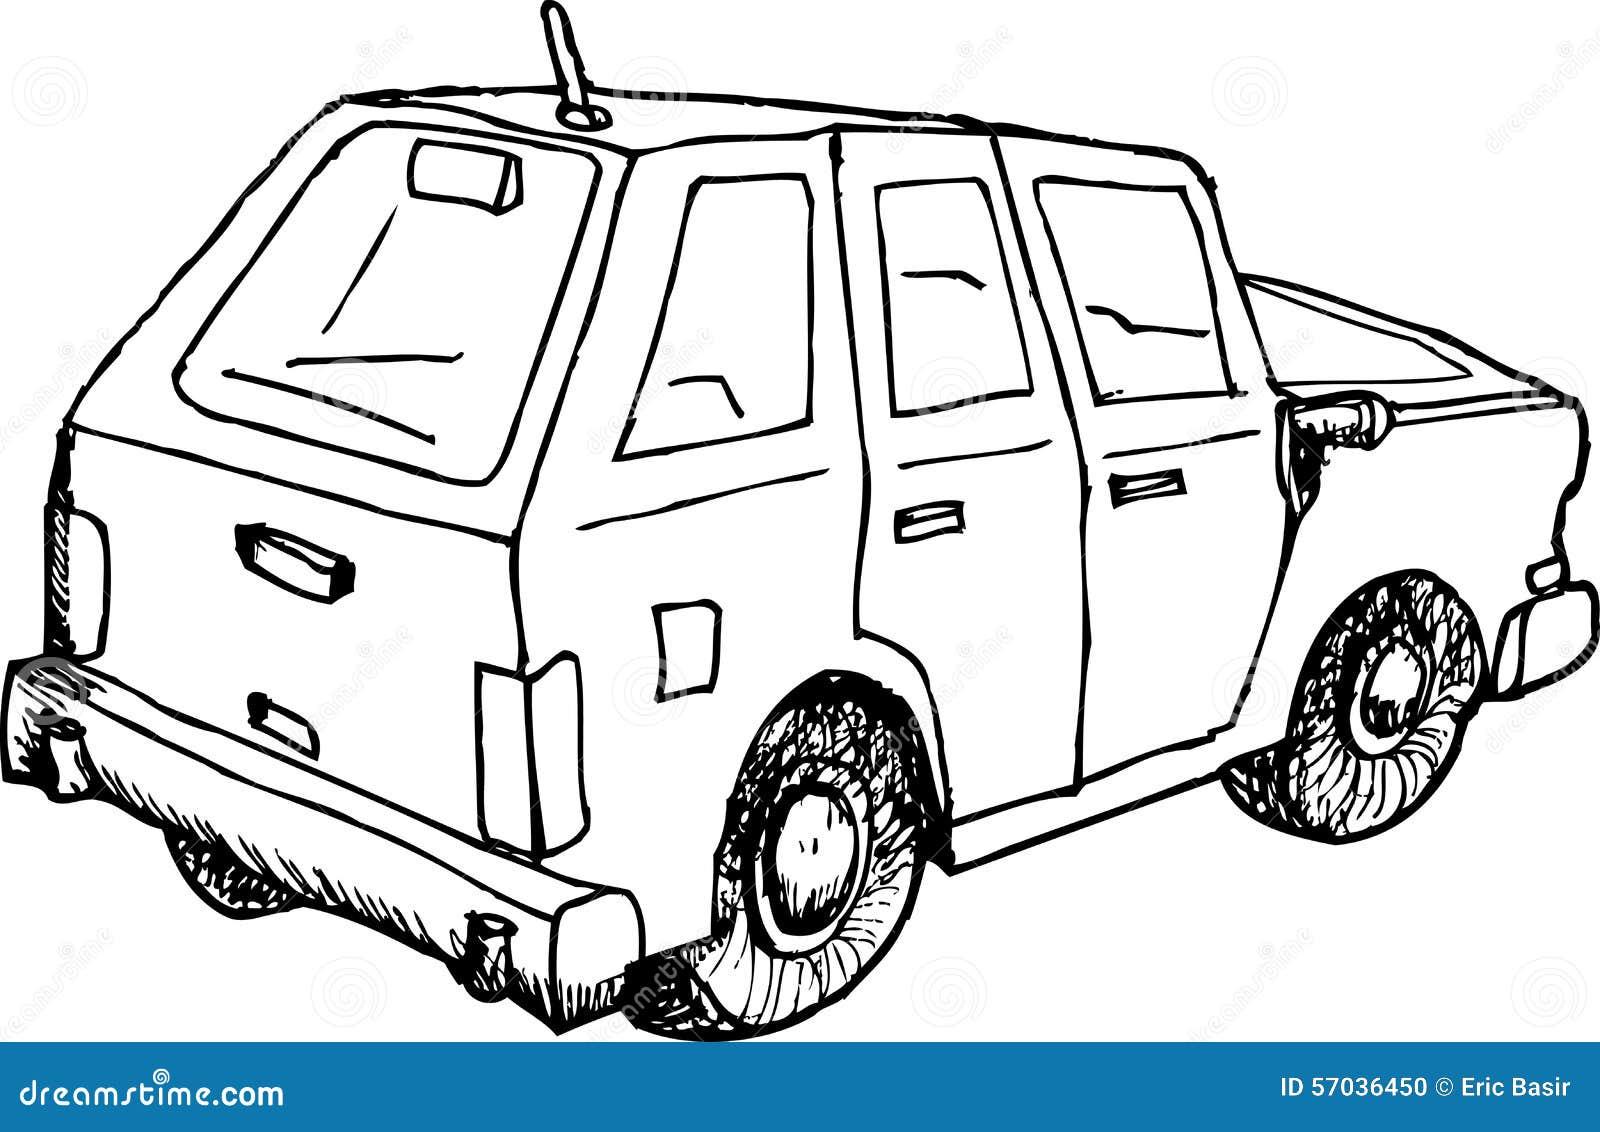 Umrissene Auto-Skizze stock abbildung. Illustration von gezeichnet ...